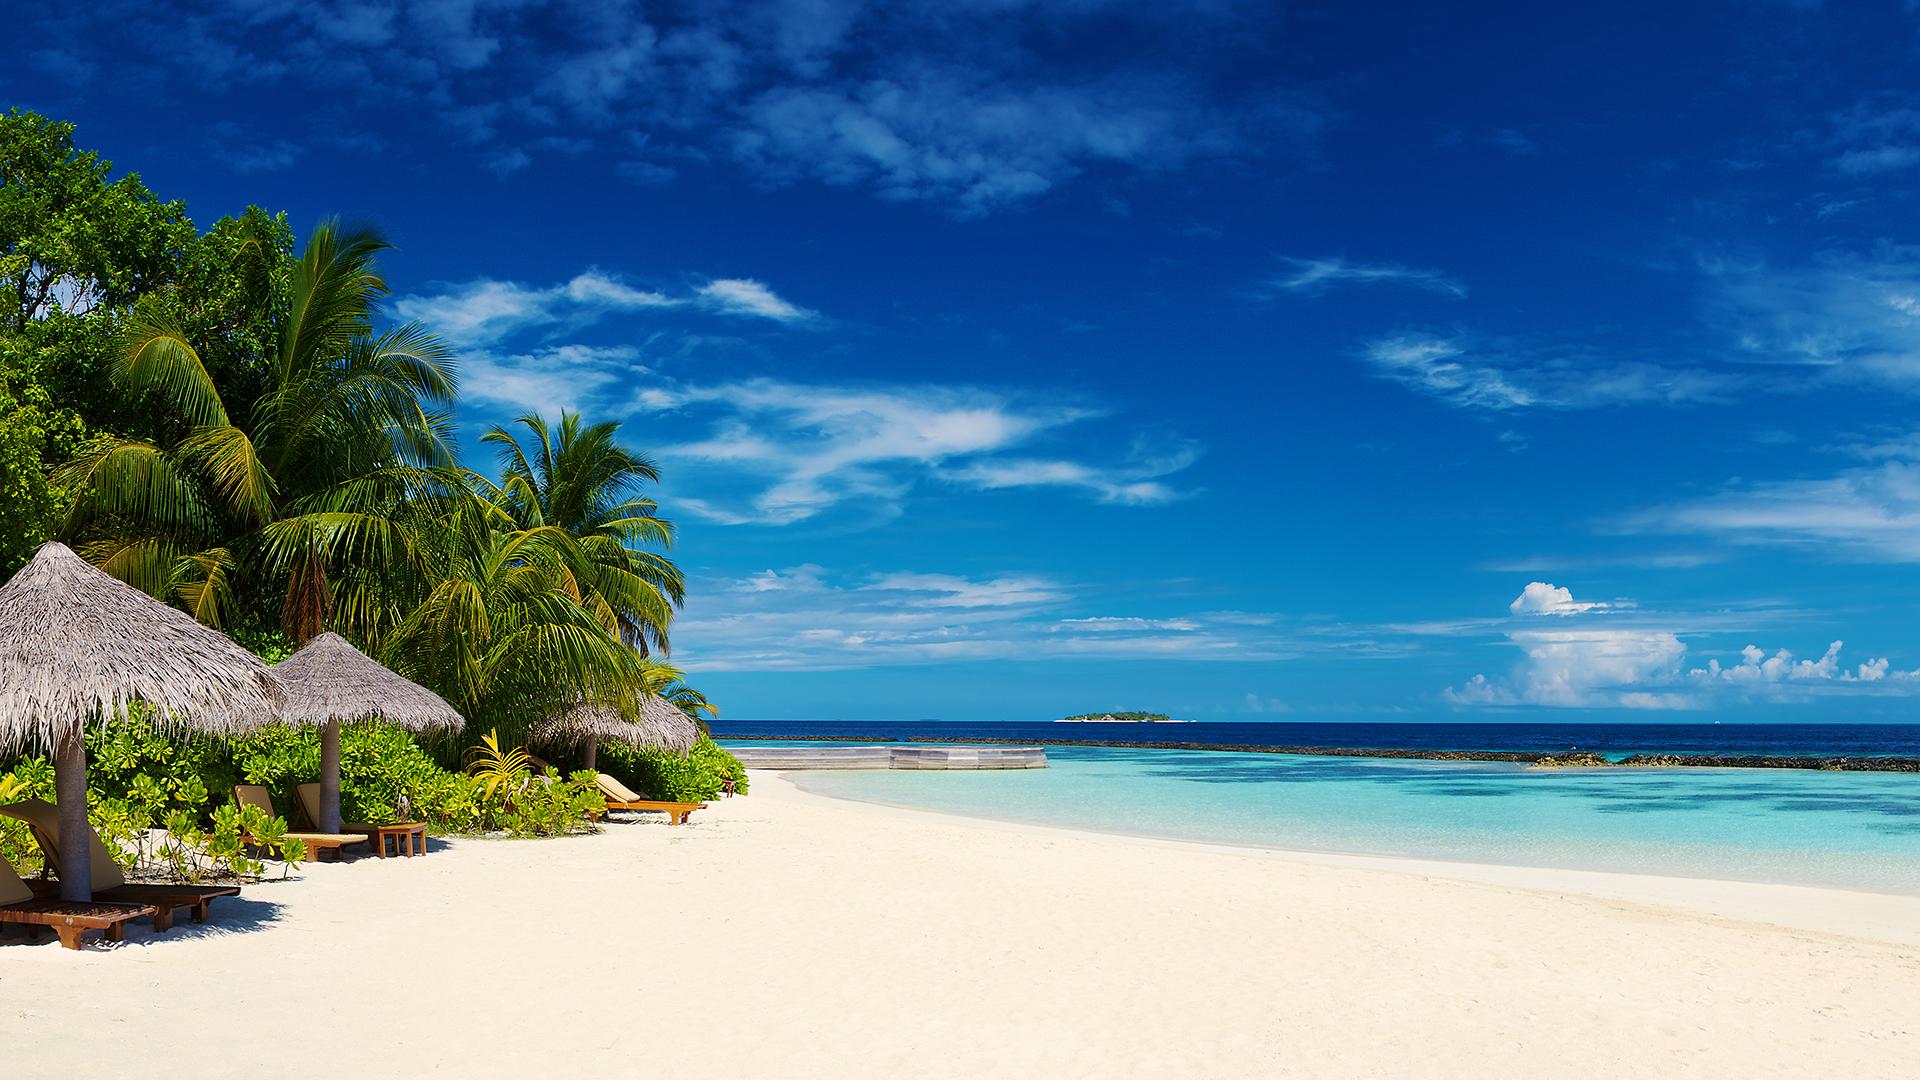 Baros-Maldives-HD-wallpaper-wp5803829